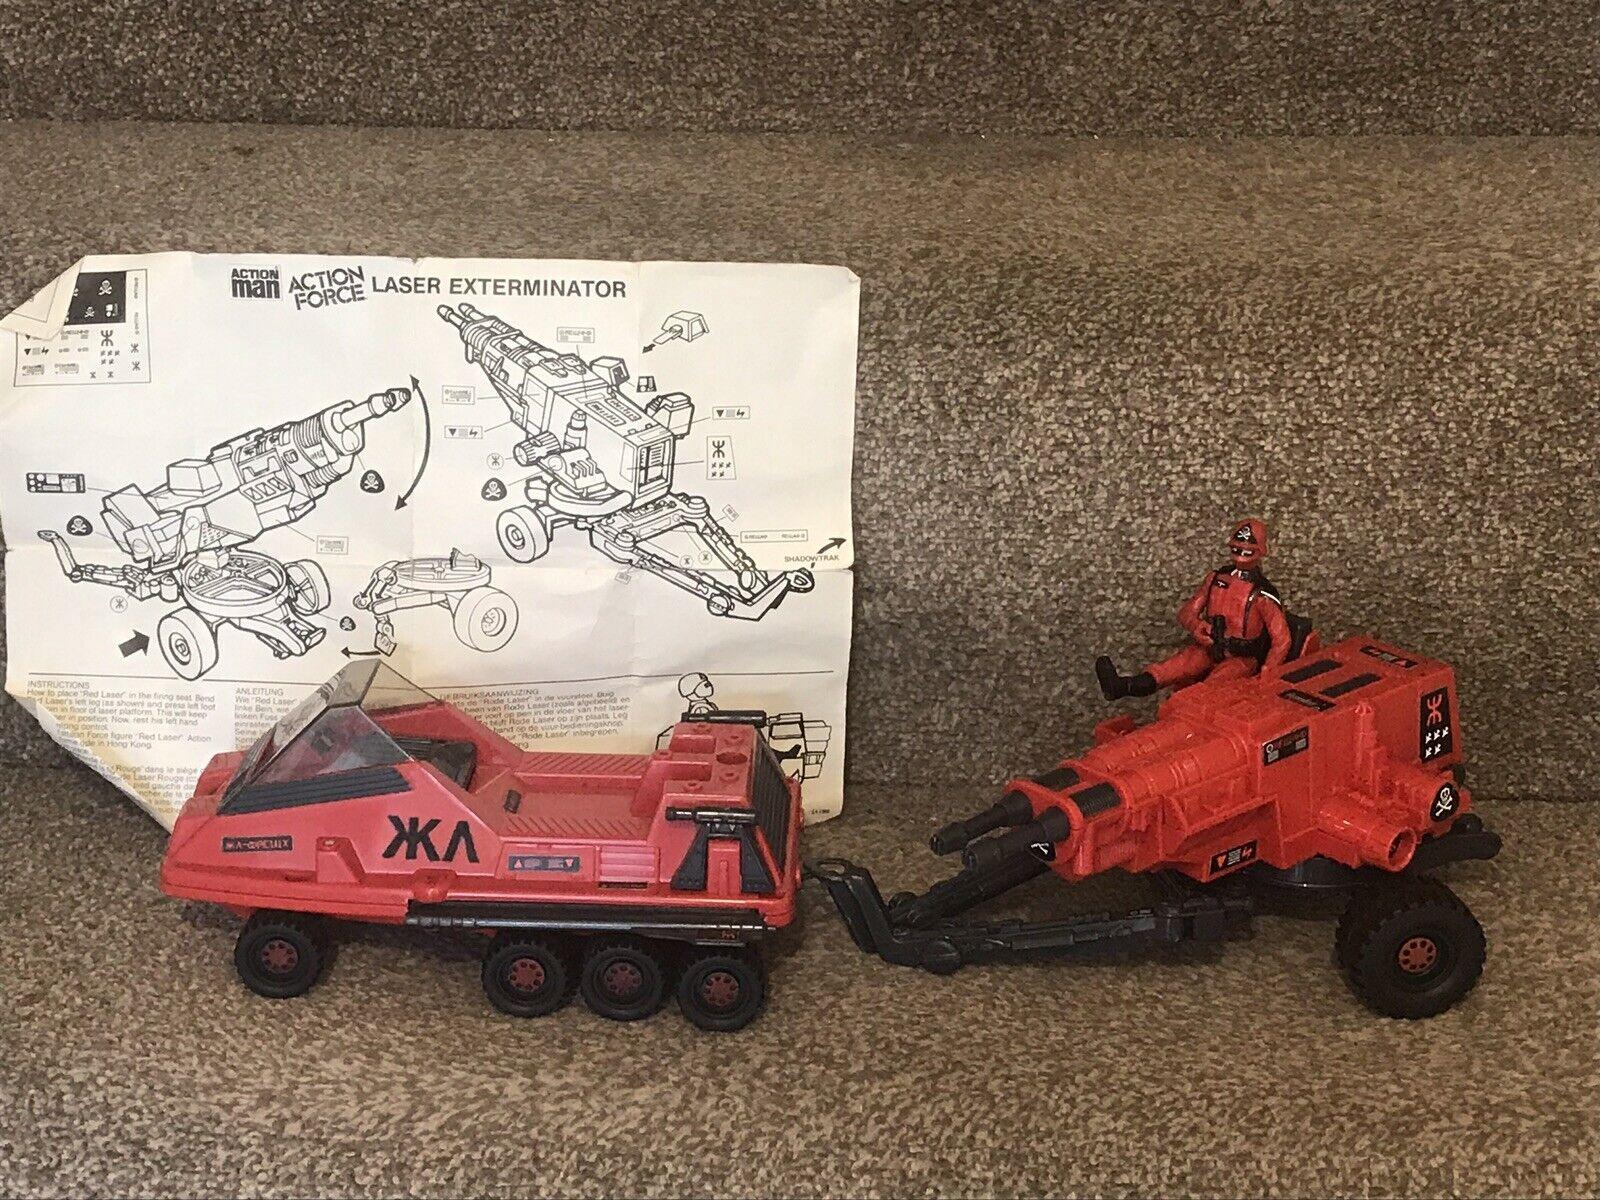 Gi Joe Rojo Sombras láser Exterminador Pistola fuerza de acción de vehículos de láser rojo vintage